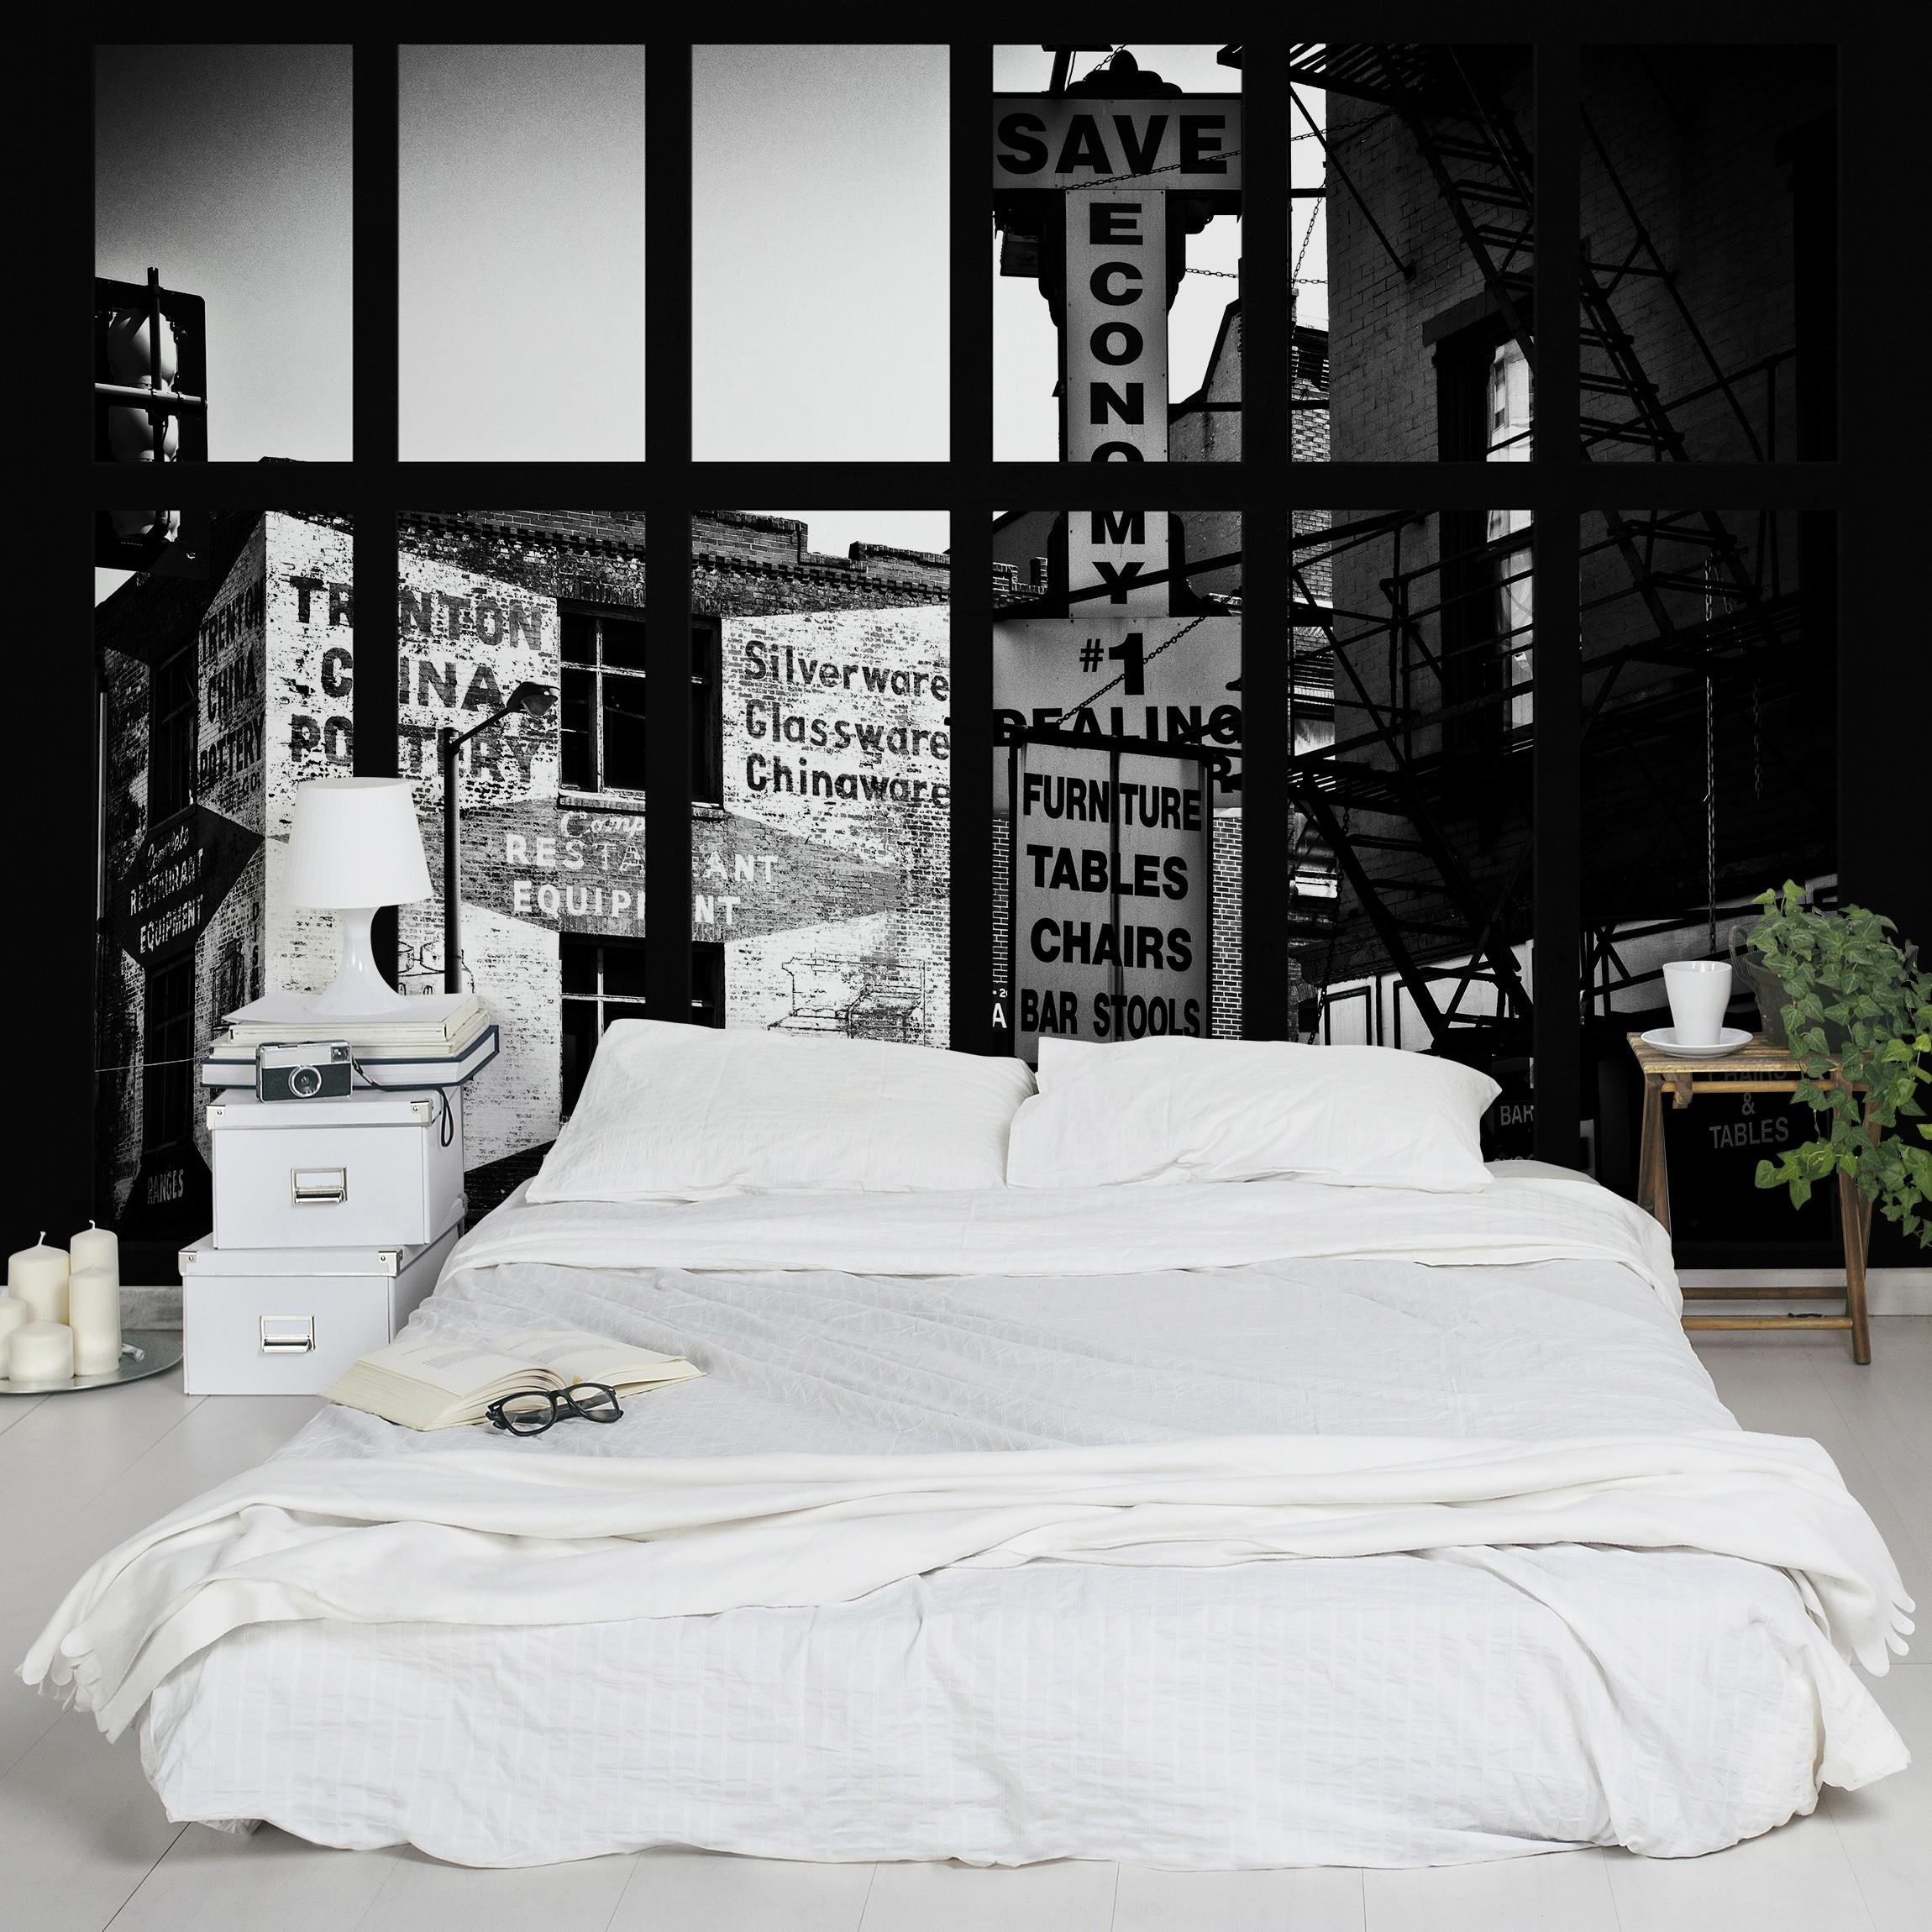 selbstklebende tapete fototapete fensterblick amerikanische geb udefassade schwarz weiss. Black Bedroom Furniture Sets. Home Design Ideas